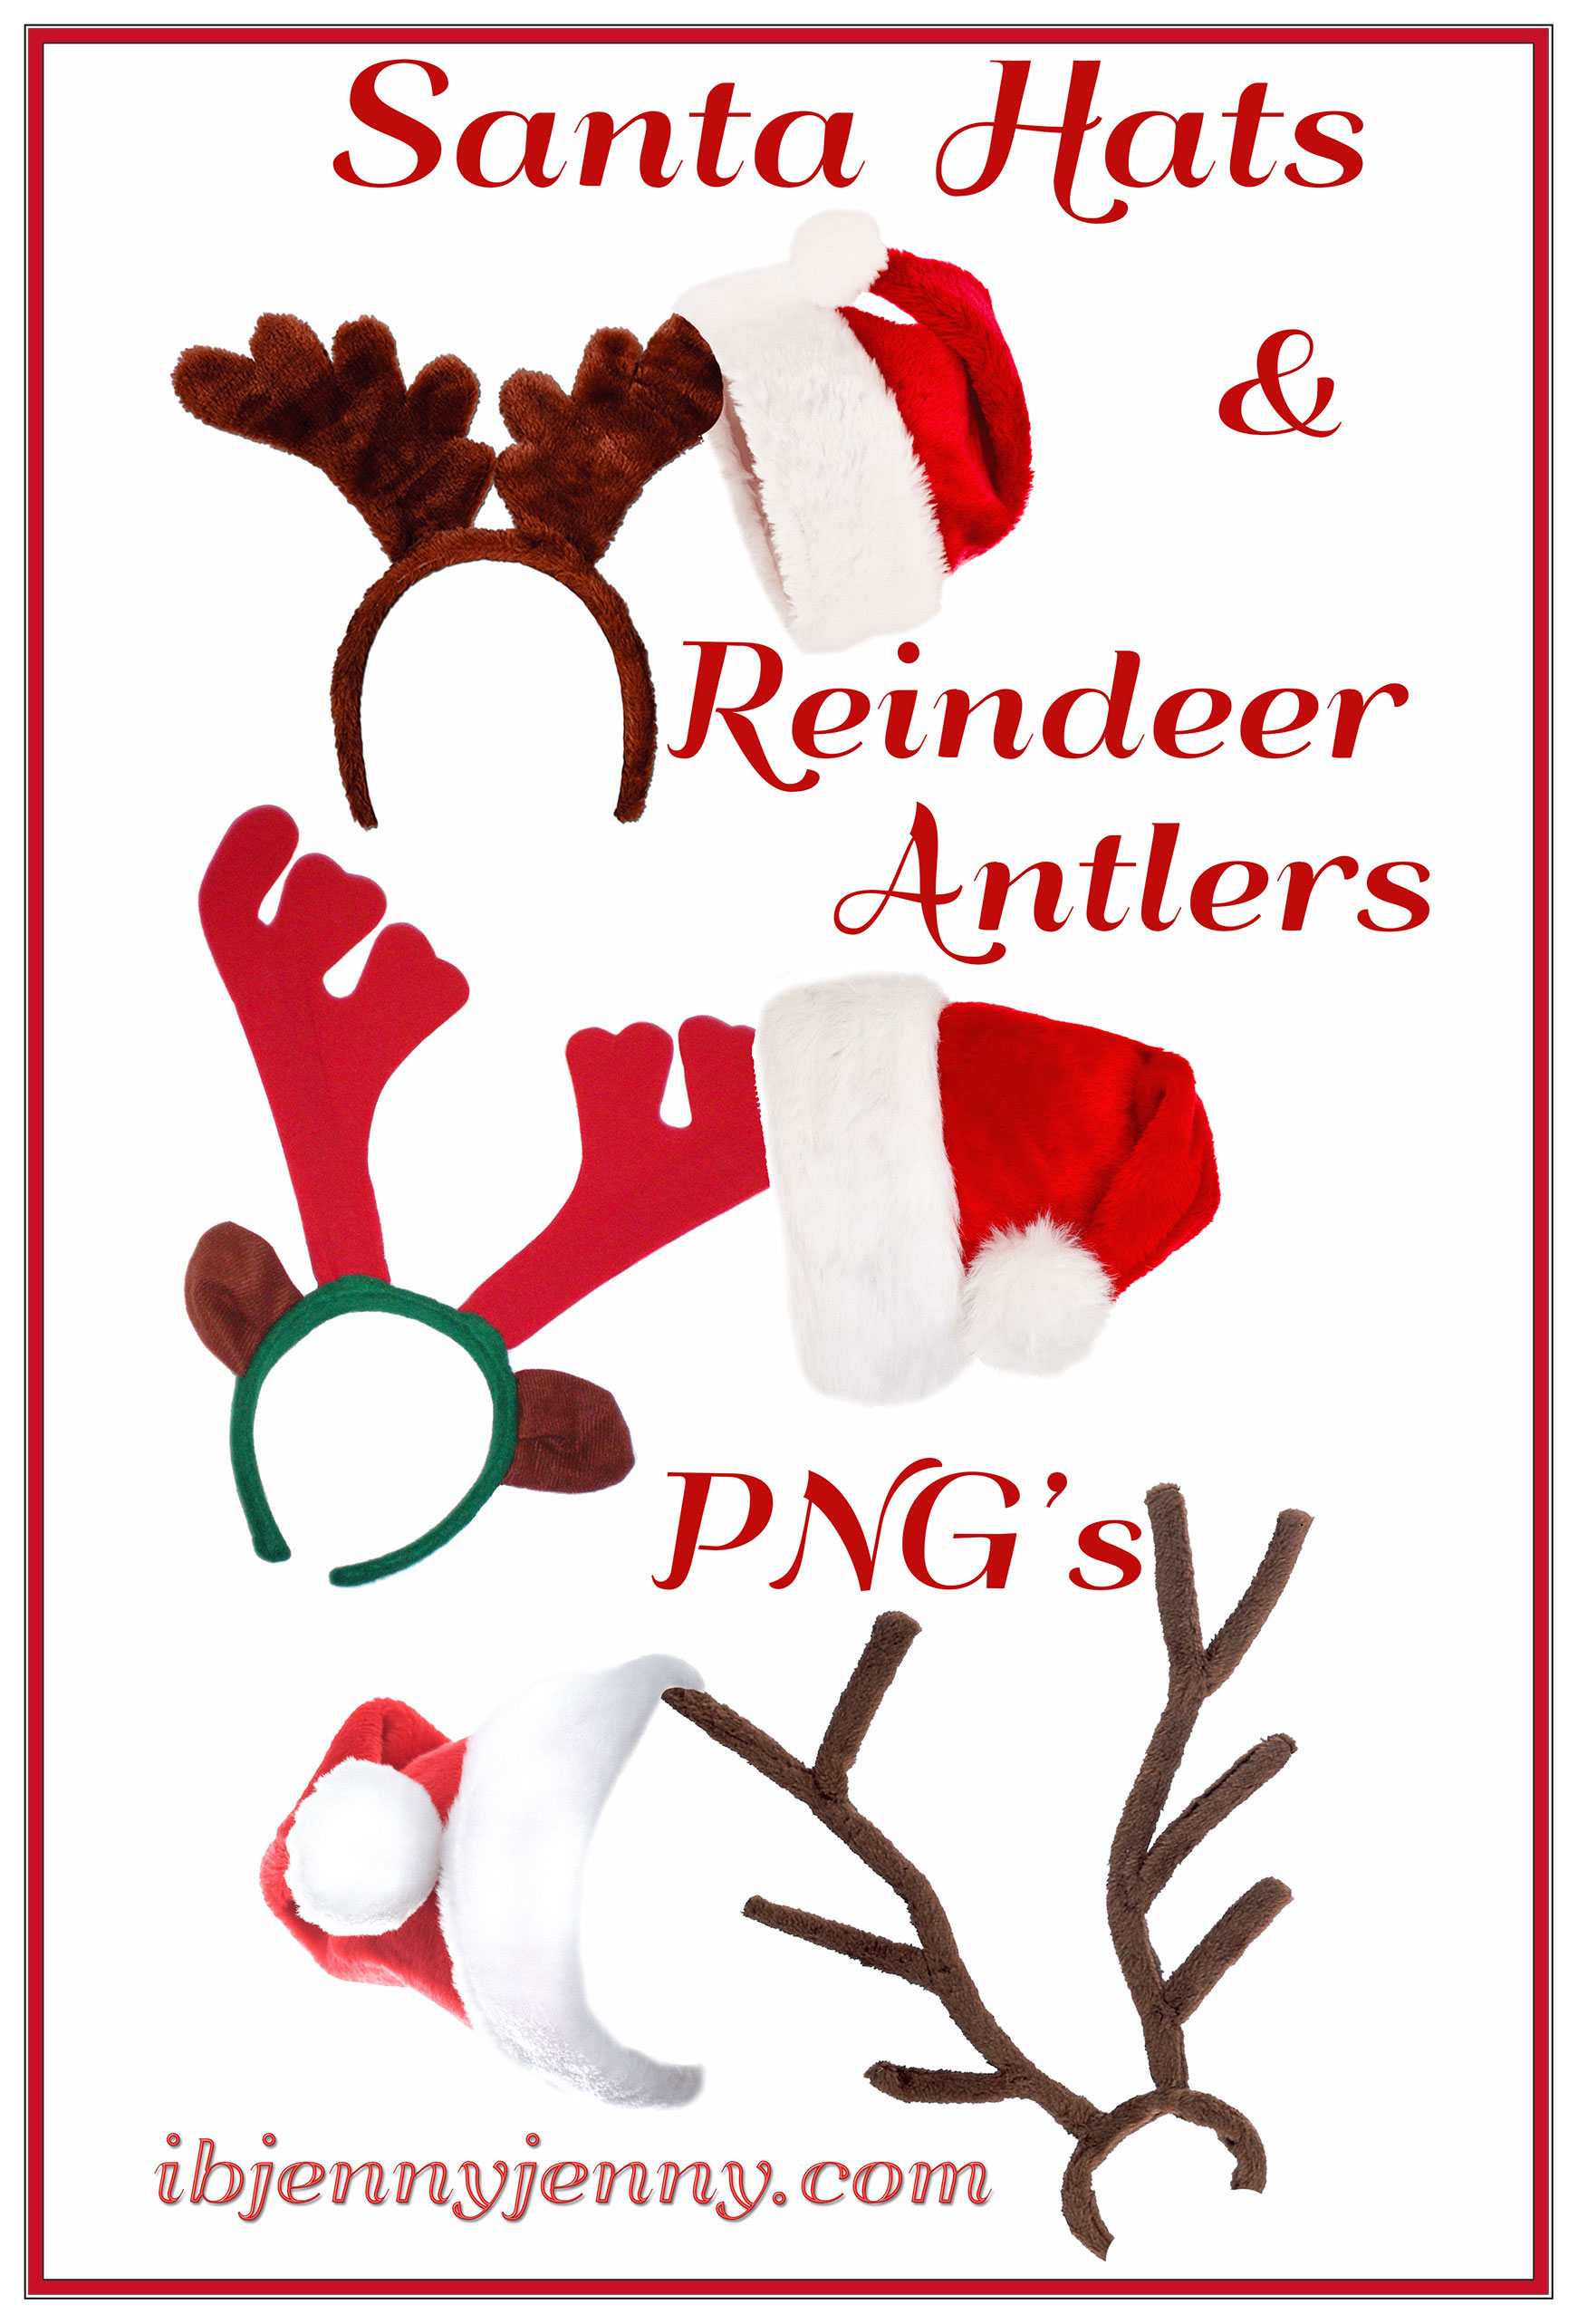 Reindeer Antlers PNG - 67553